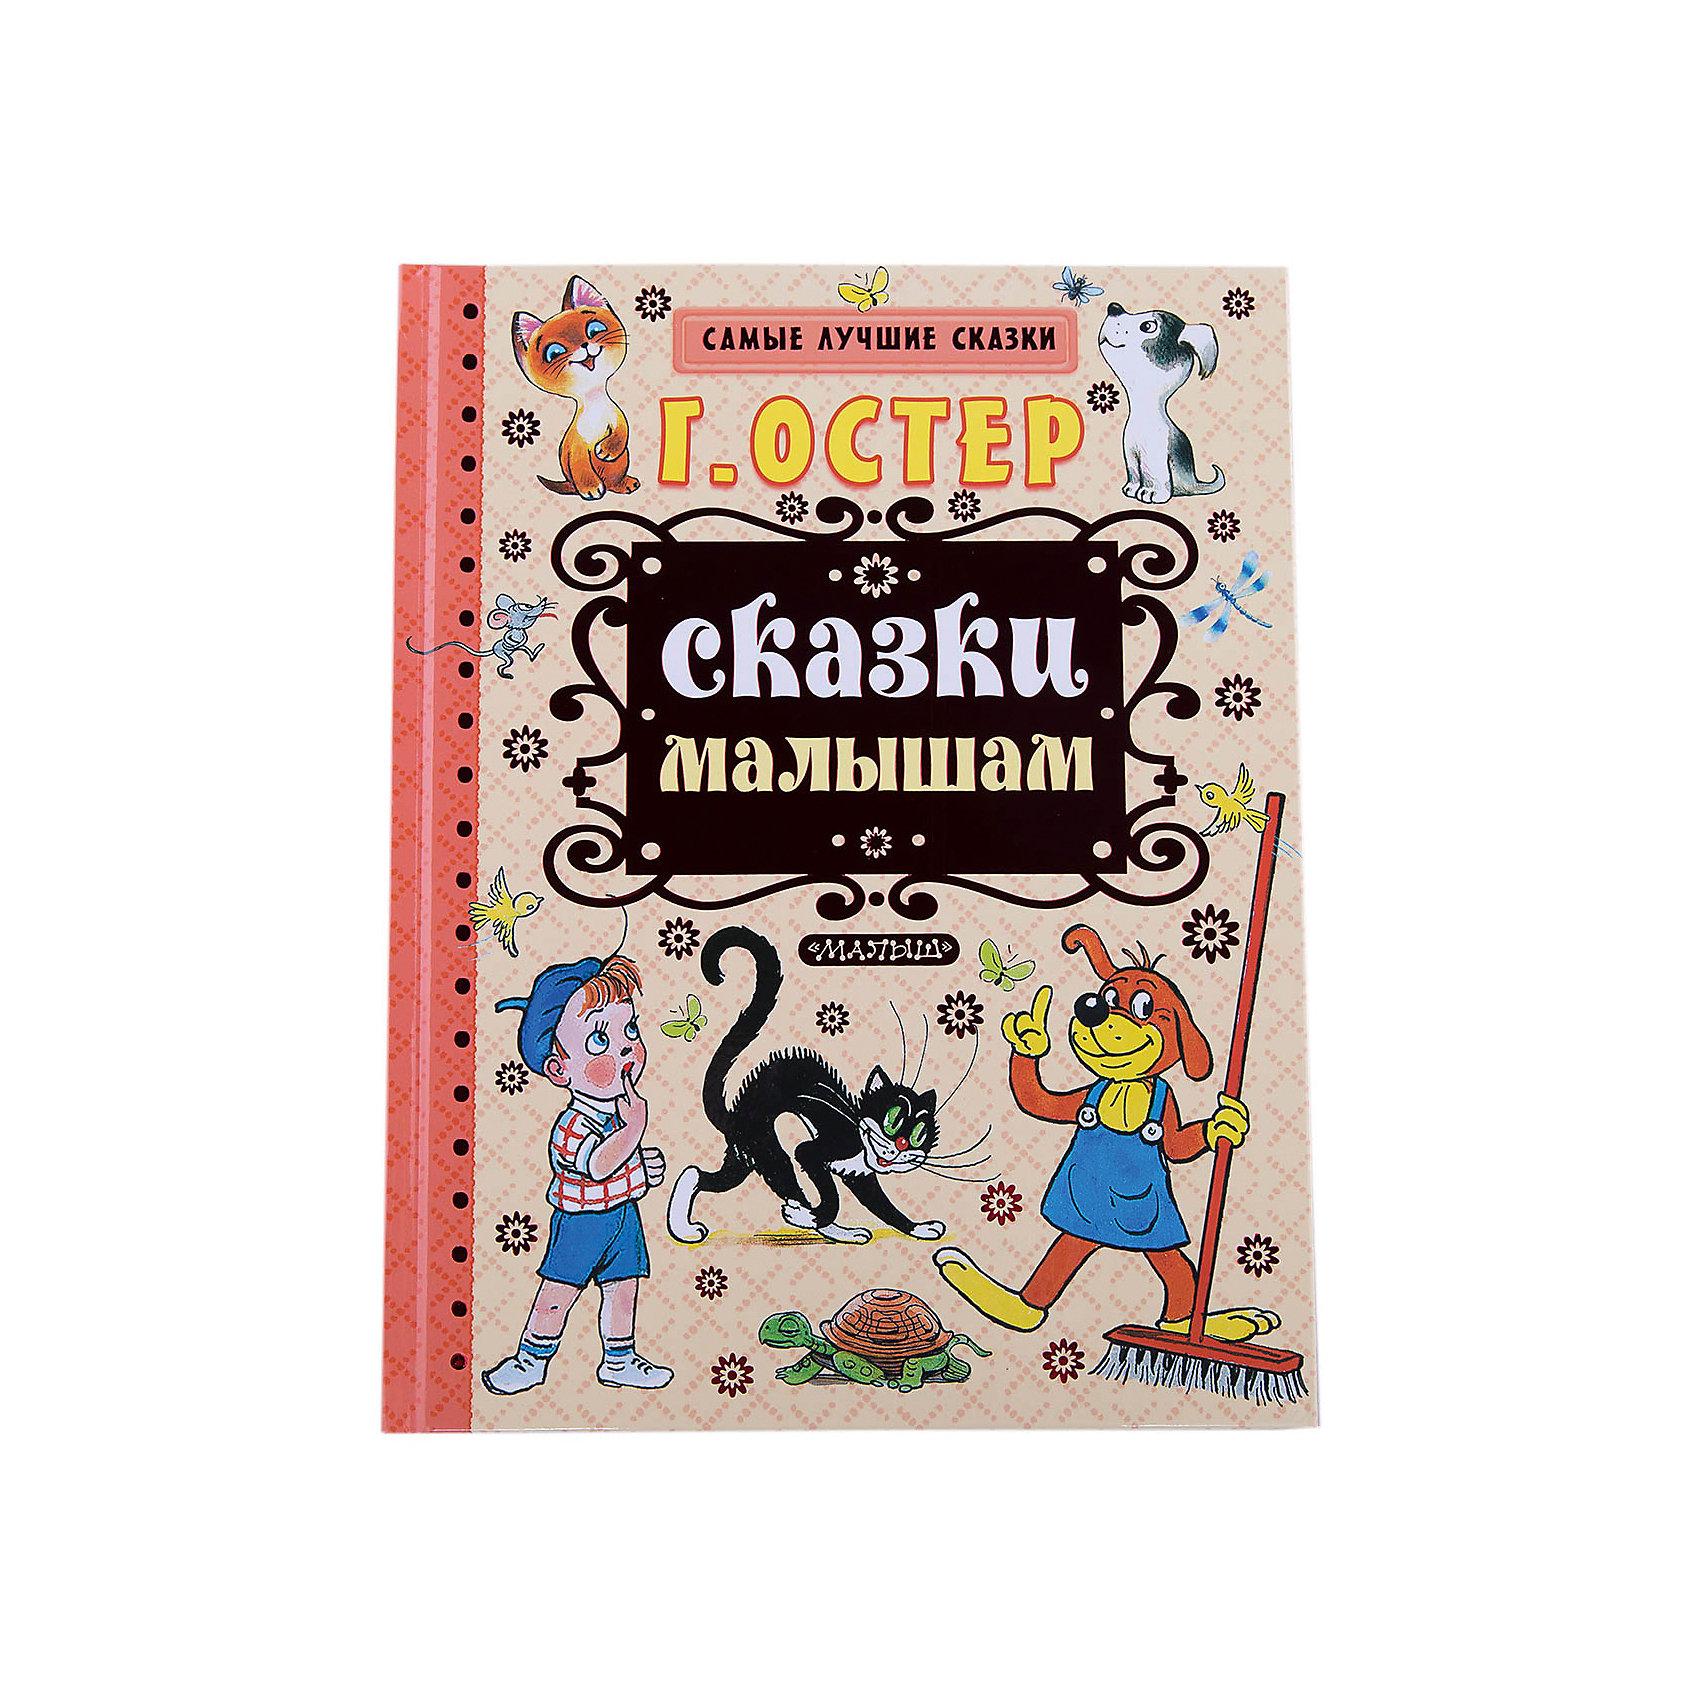 Книга лучший подарок рассказ